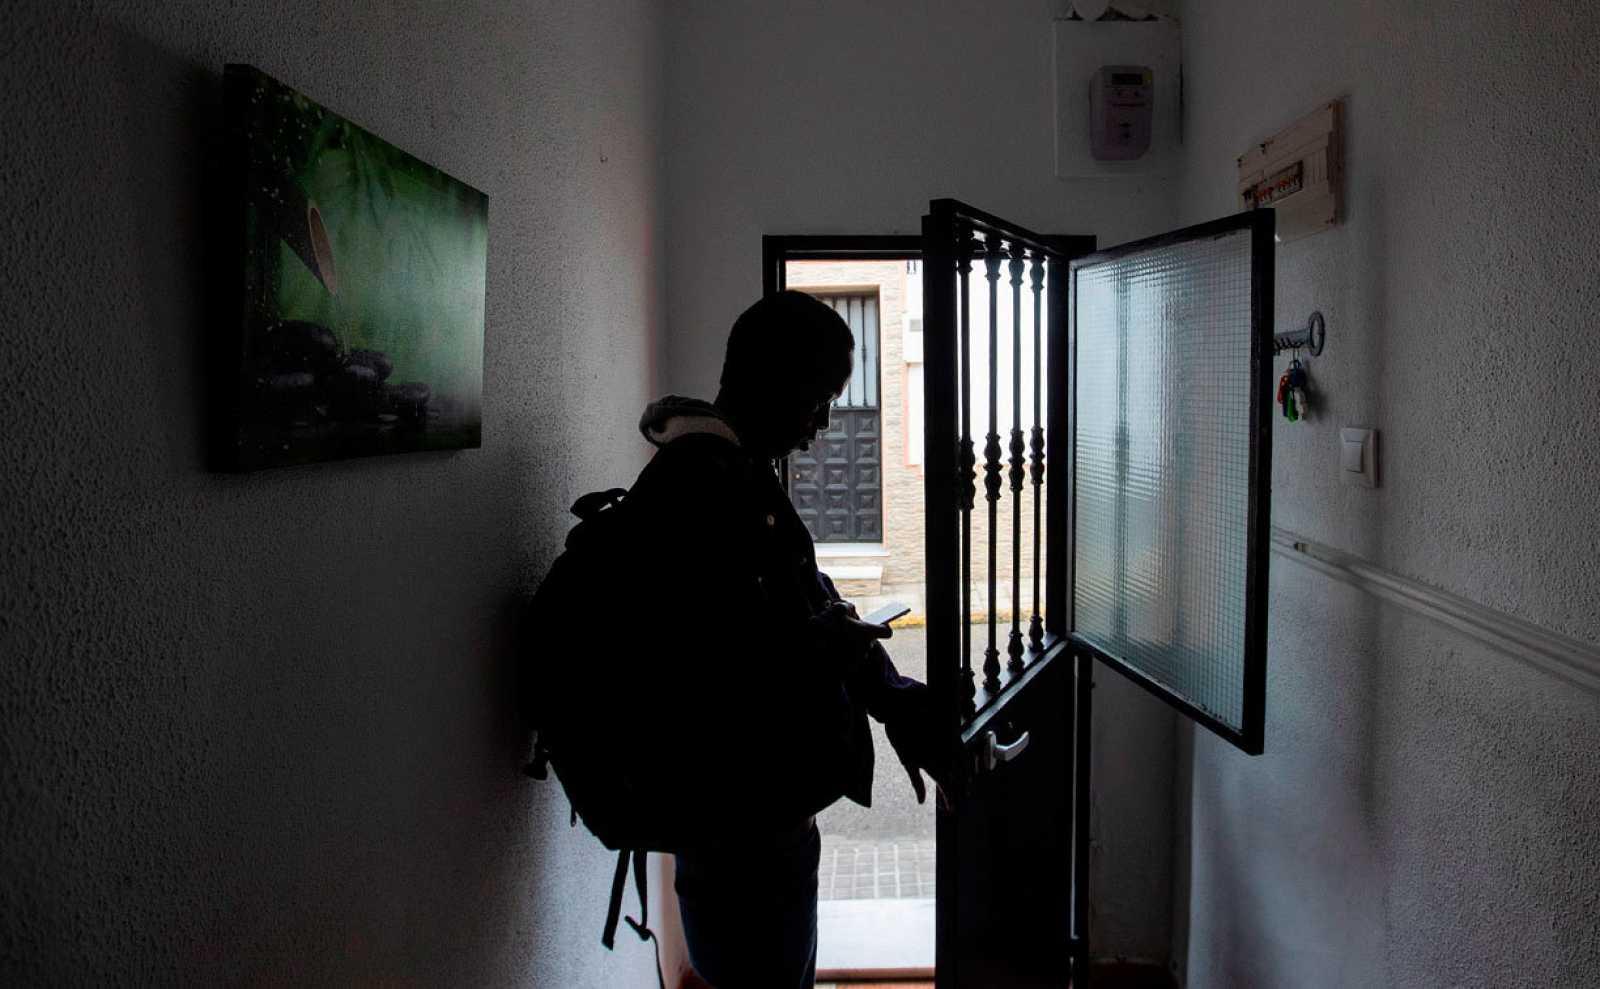 Un menor no acompañado cierra la puerta en un piso de acogida en Chiclana, Cádiz.